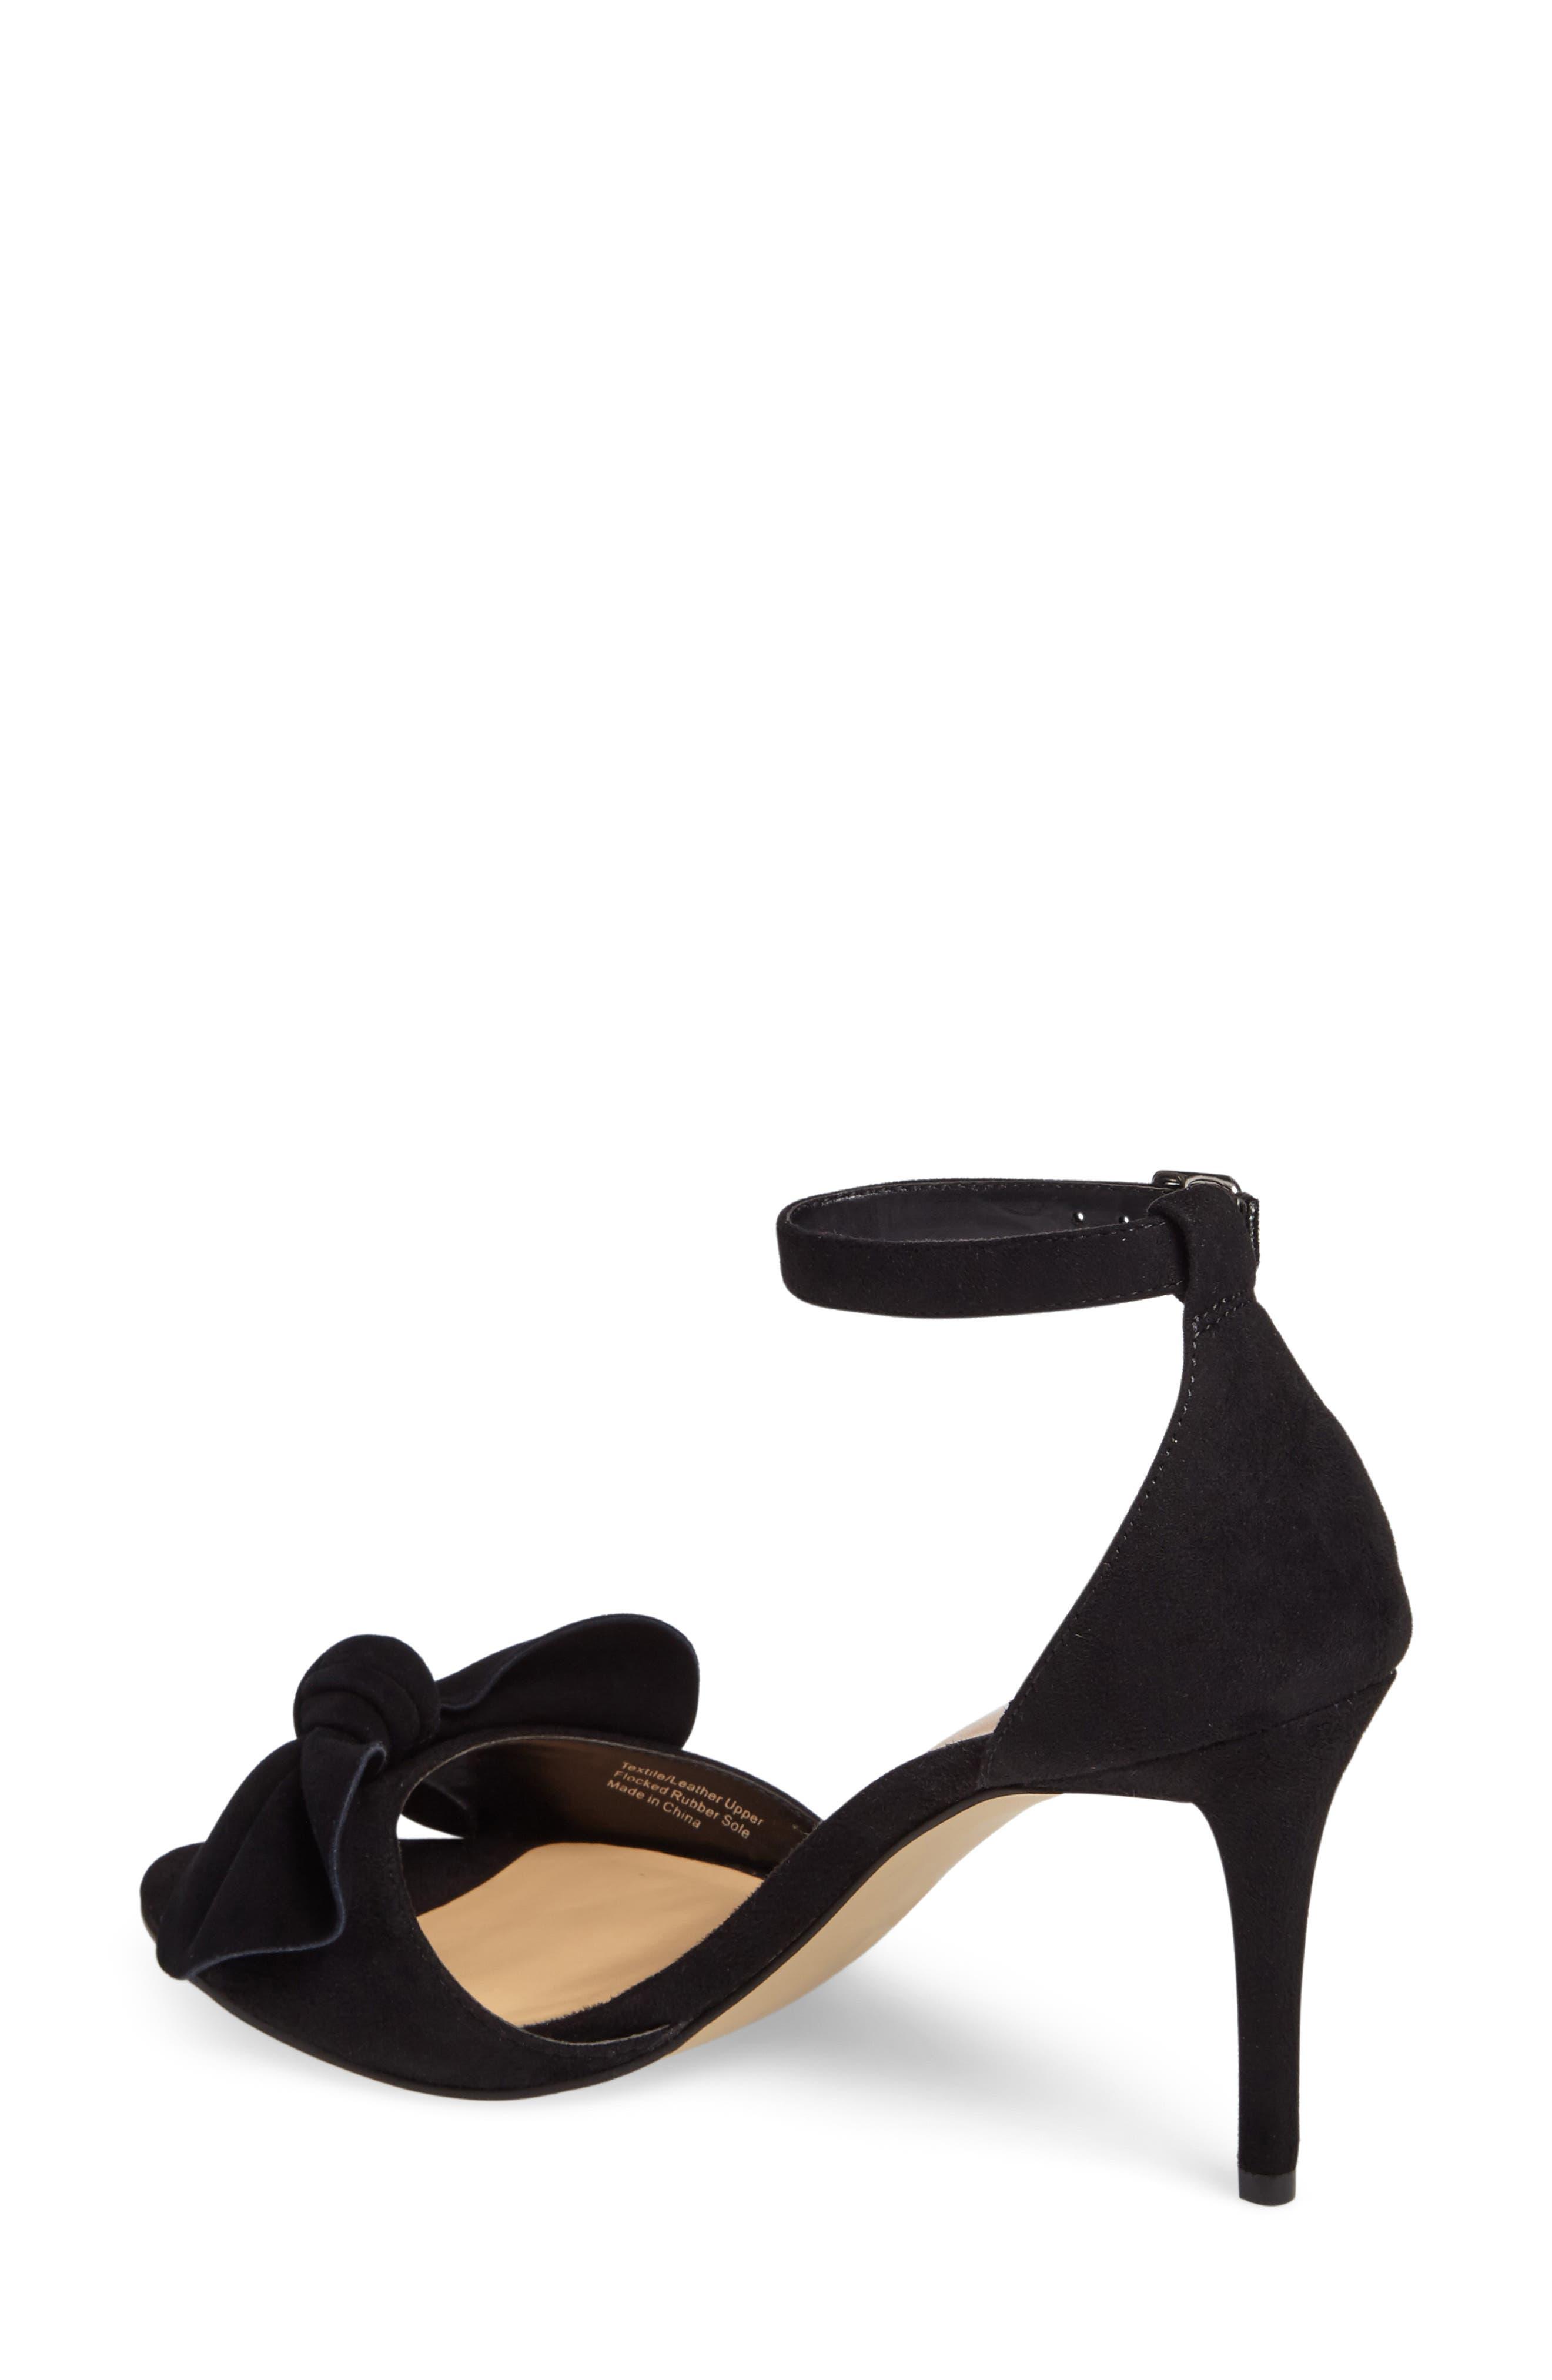 Alternate Image 2  - Daya by Zendaya Simms Ankle Strap Sandal (Women)